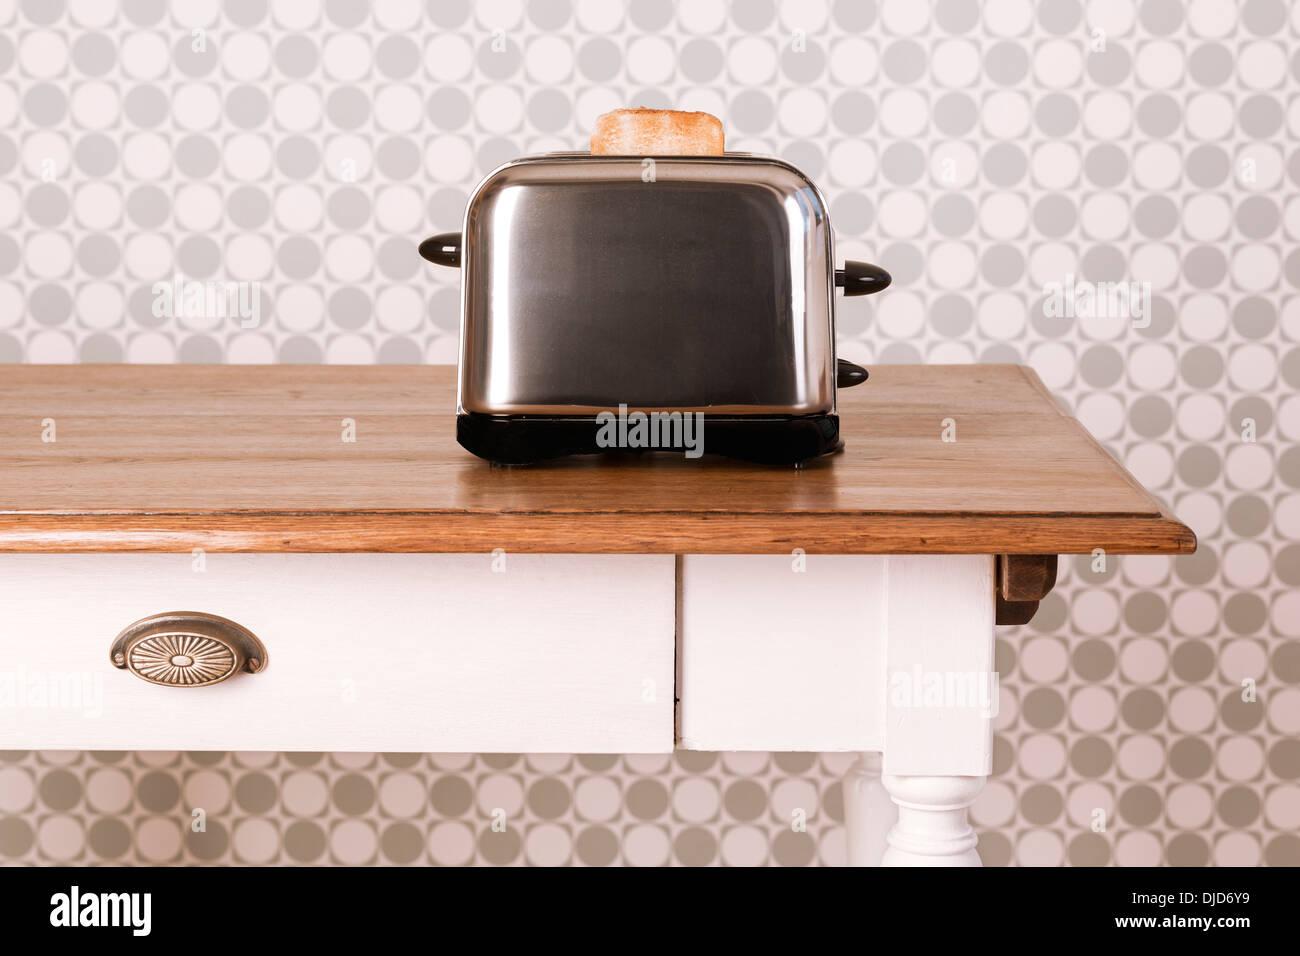 Alten Küchentisch mit Toaster und eine Scheibe Brot vor dekorative ...